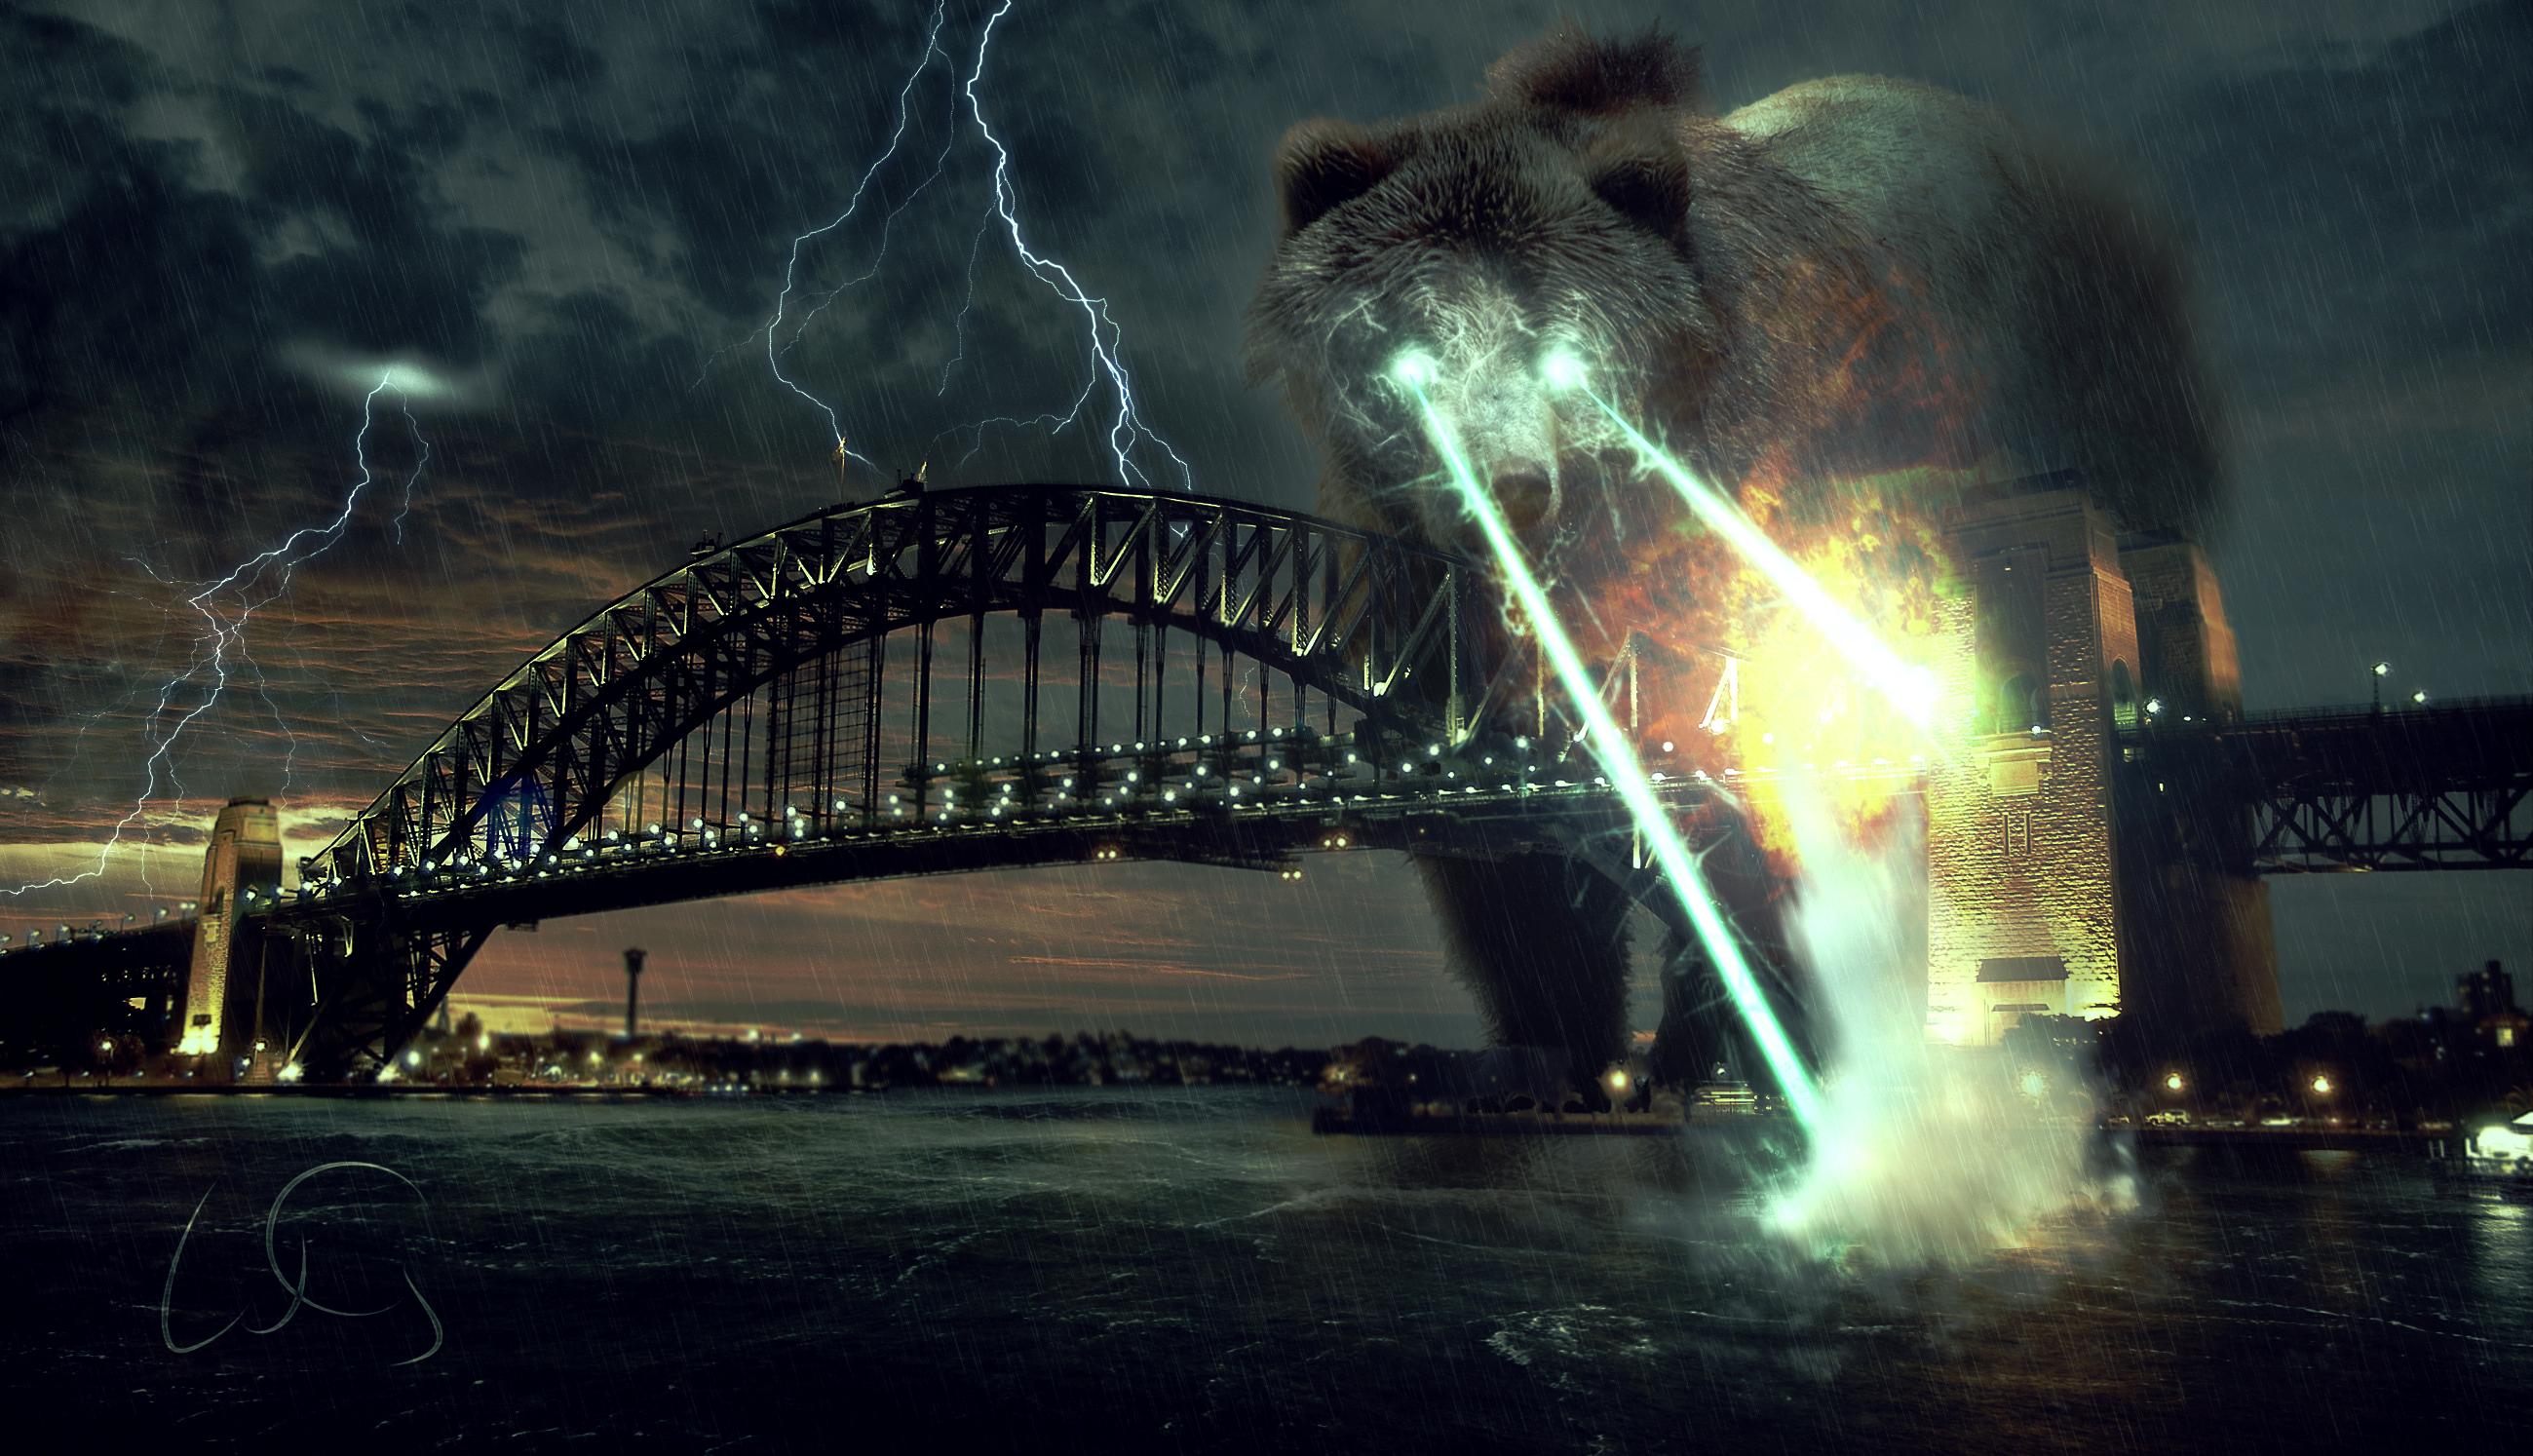 Explosion Bear Animal Sydney Harbor Apocalypse Sydney Harbour Bridge Laser 2599x1494